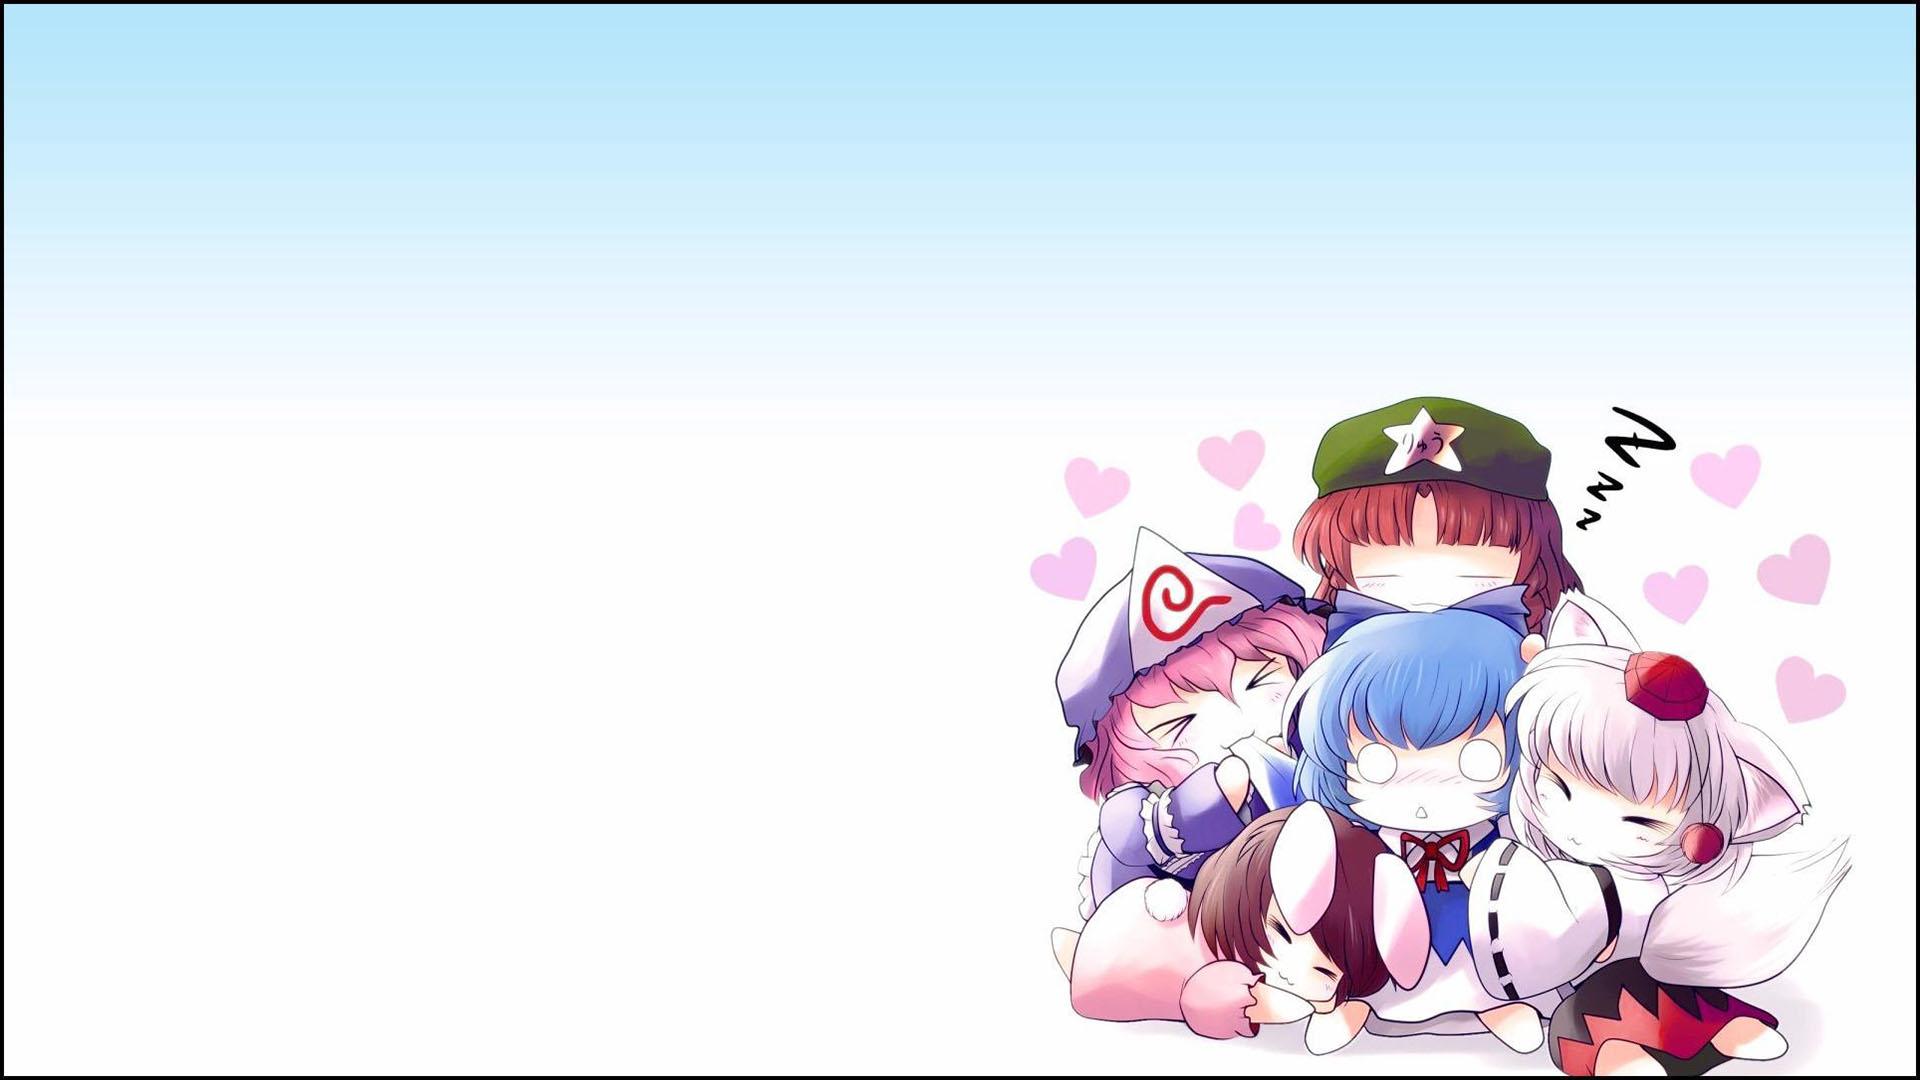 Hình nền chibi anime đẹp